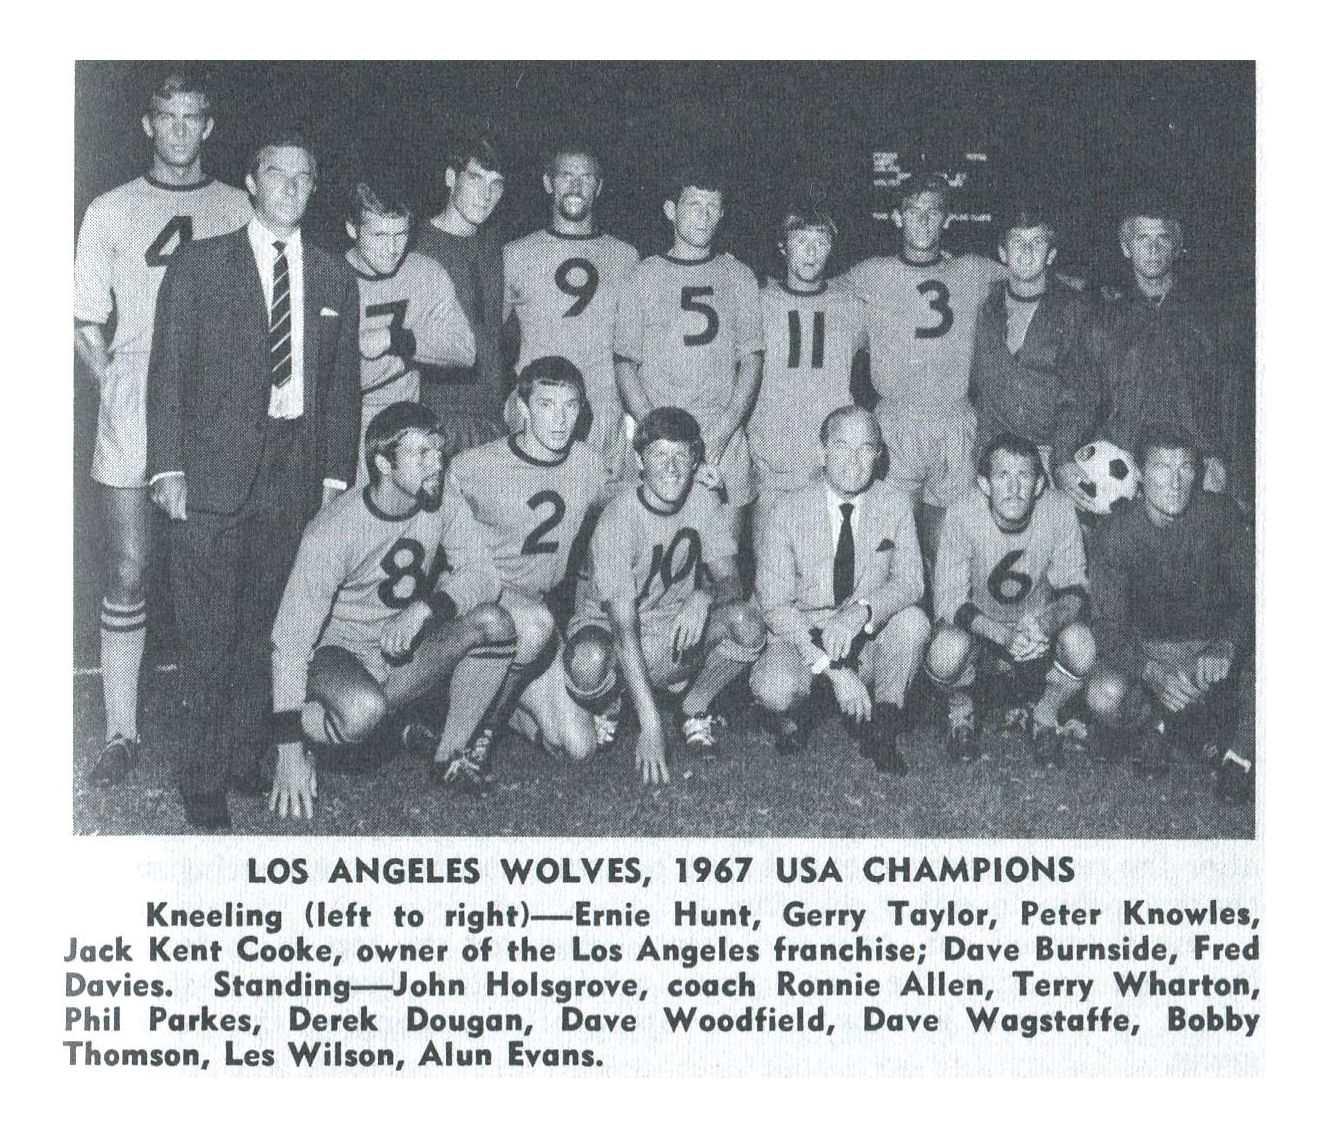 L.A. Wolves